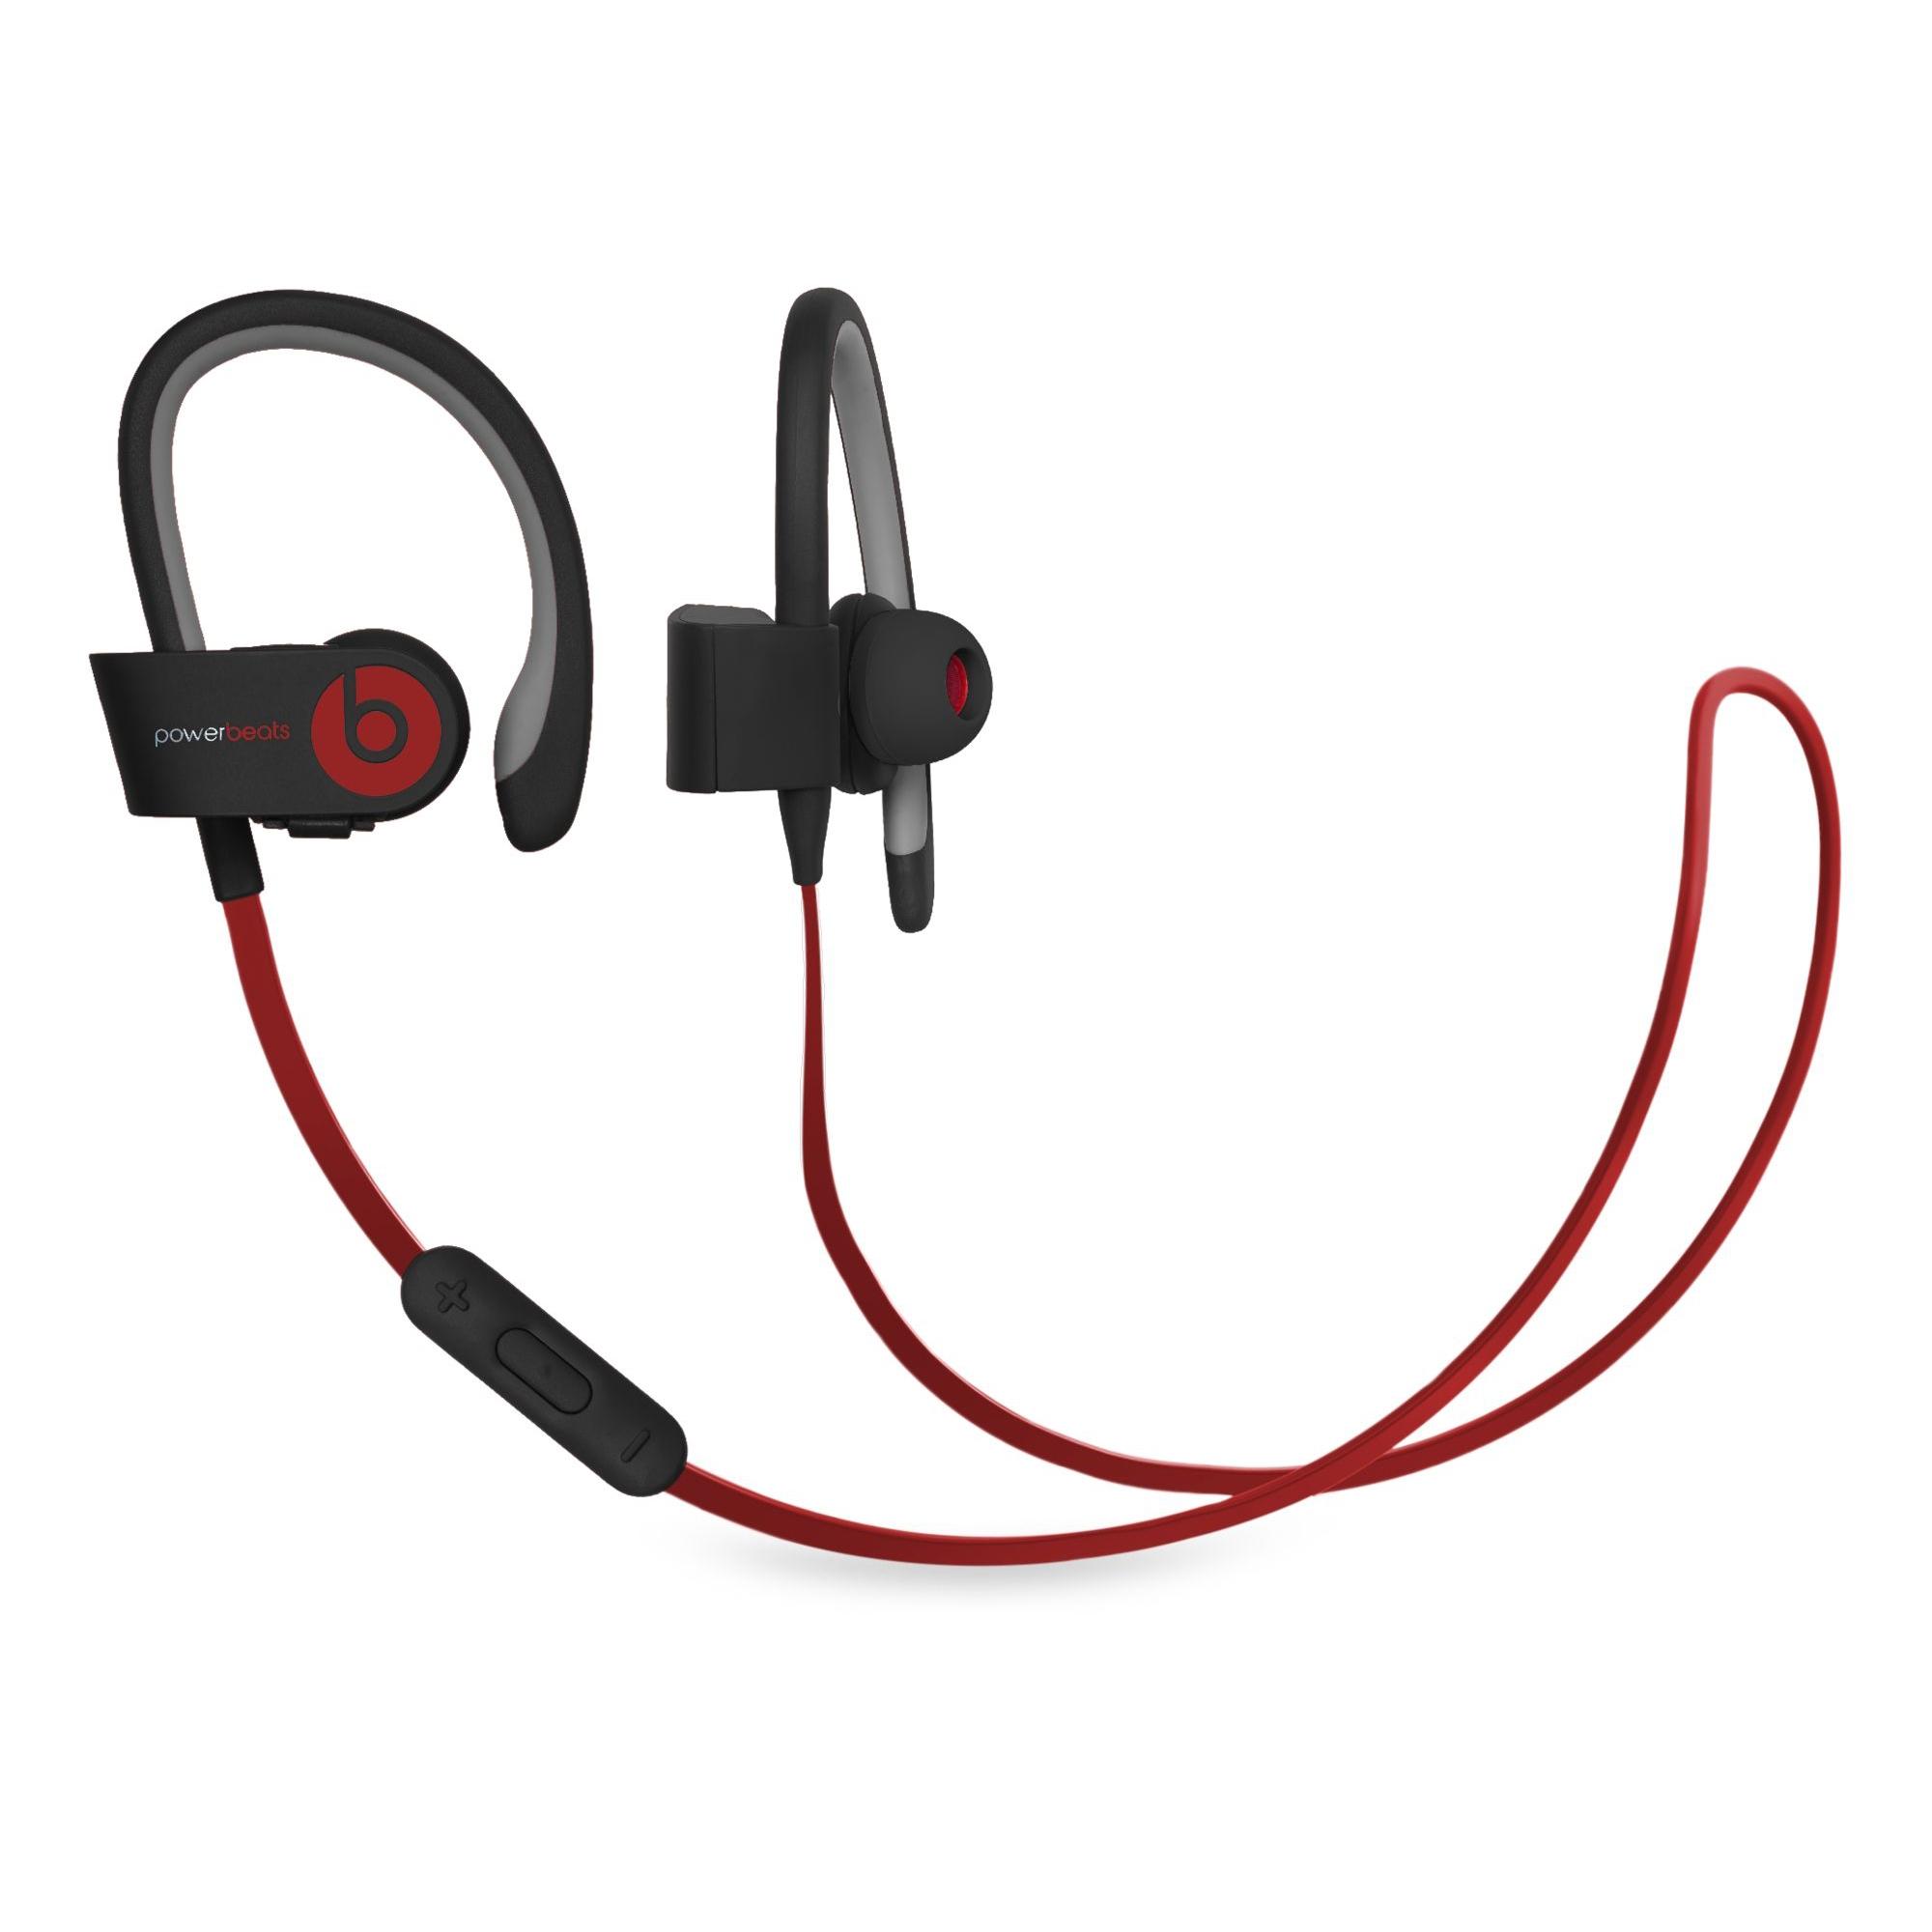 Beats by Dr. Dre Powerbeats2 Wireless In-Ear Headphones